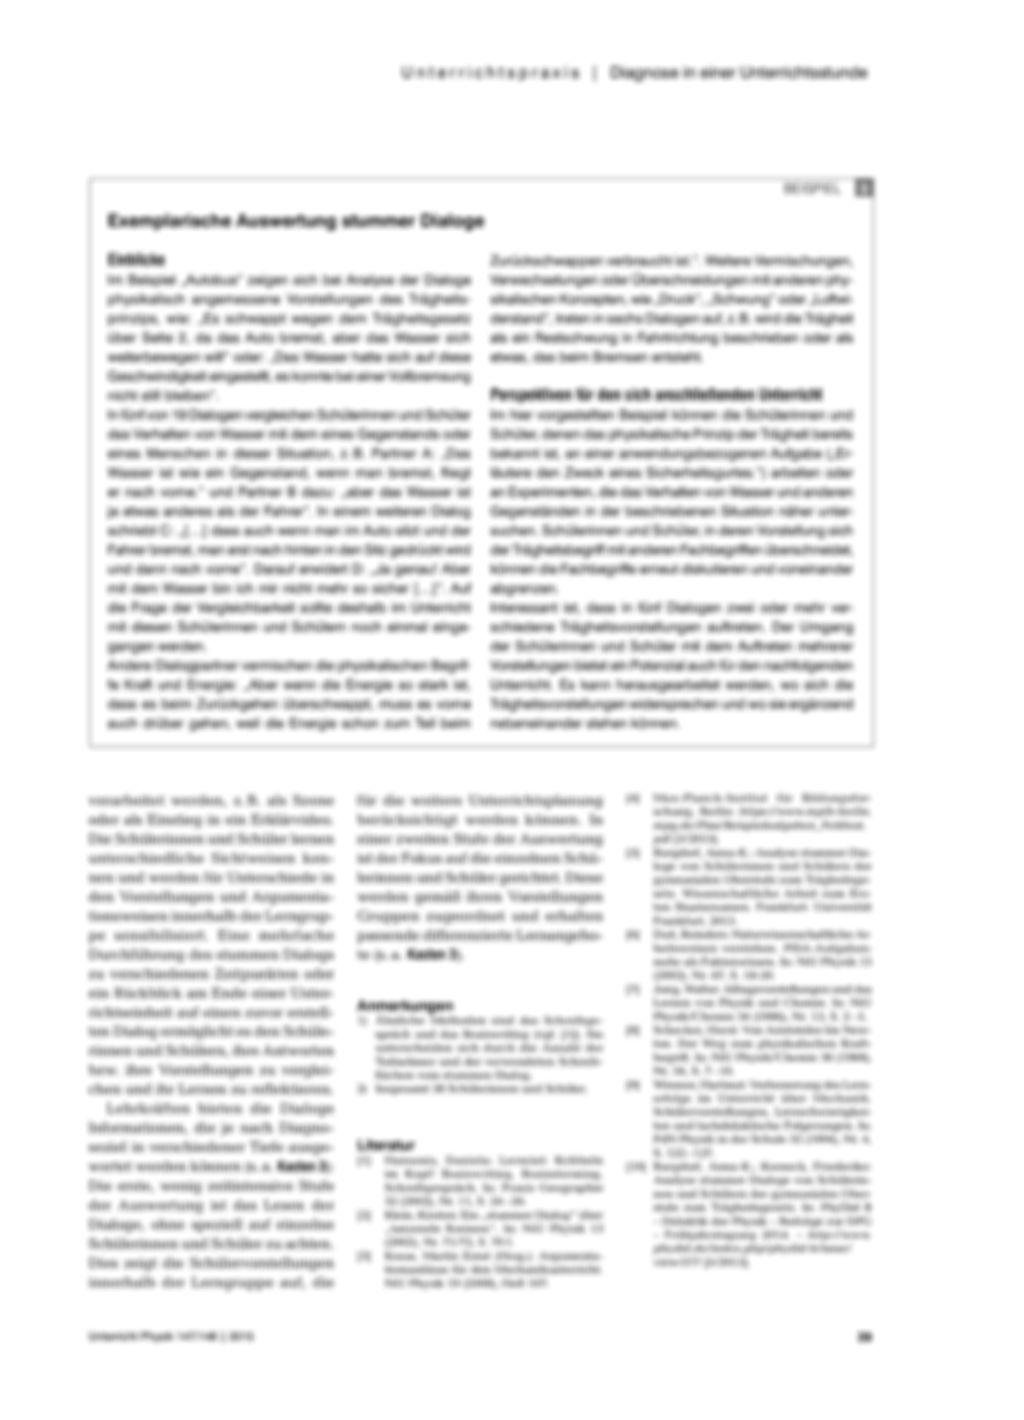 Der stumme Dialog als Diagnoseinstrument - Eine Methode zum Erfassen von Schülervorstellungen Preview 3